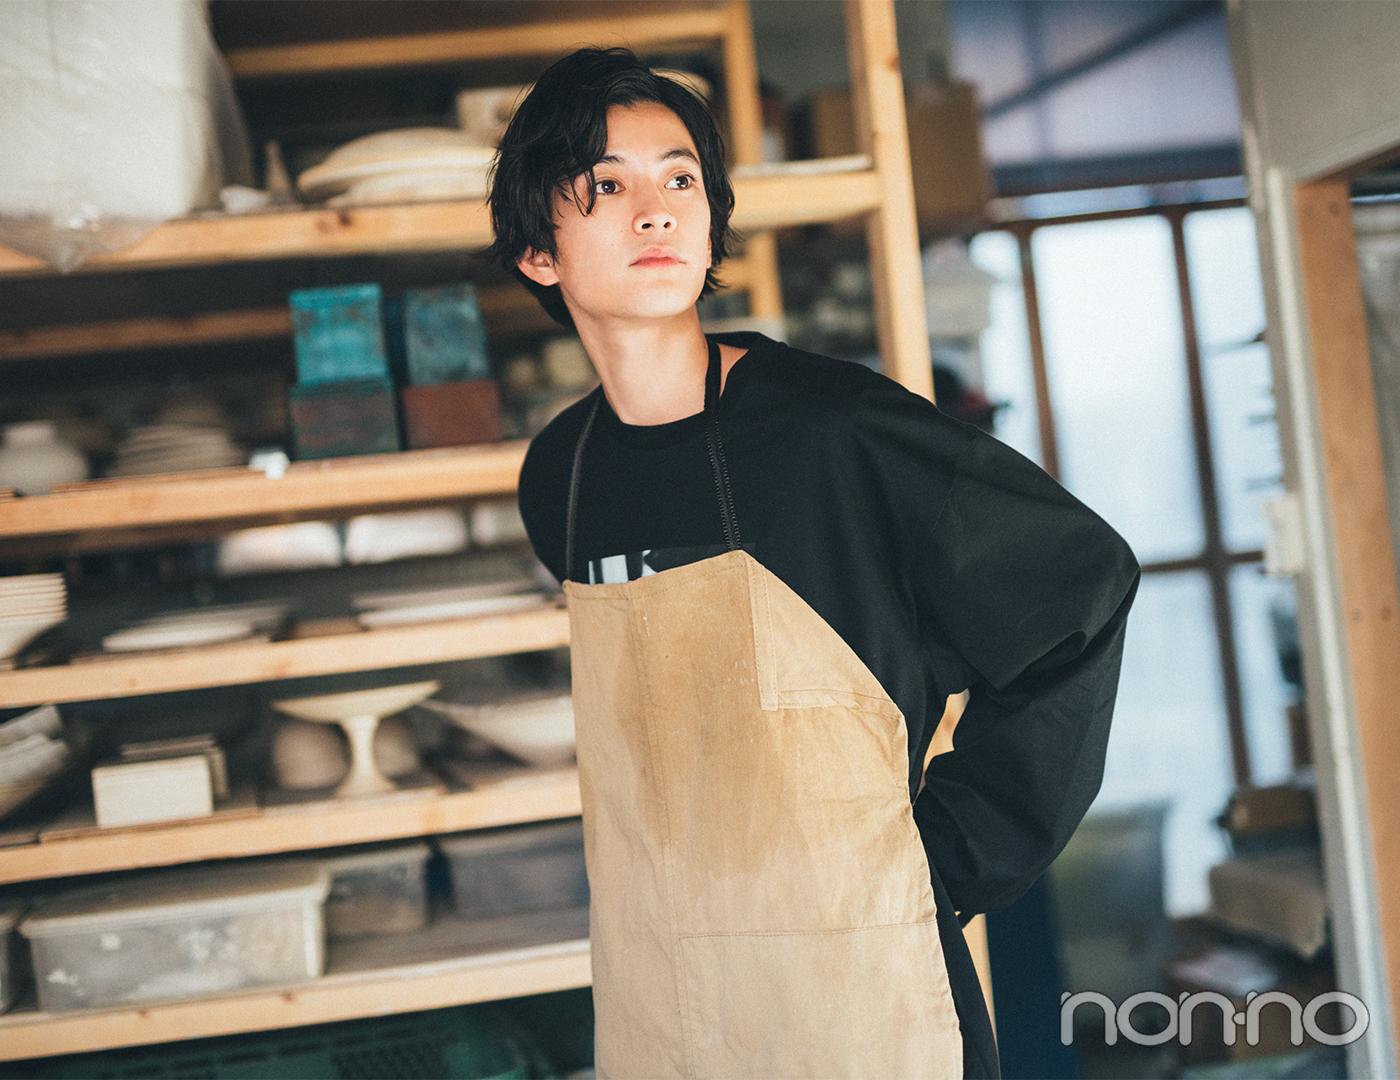 渡邊圭祐さんと大人な陶芸デートへ【今月の彼氏】_2